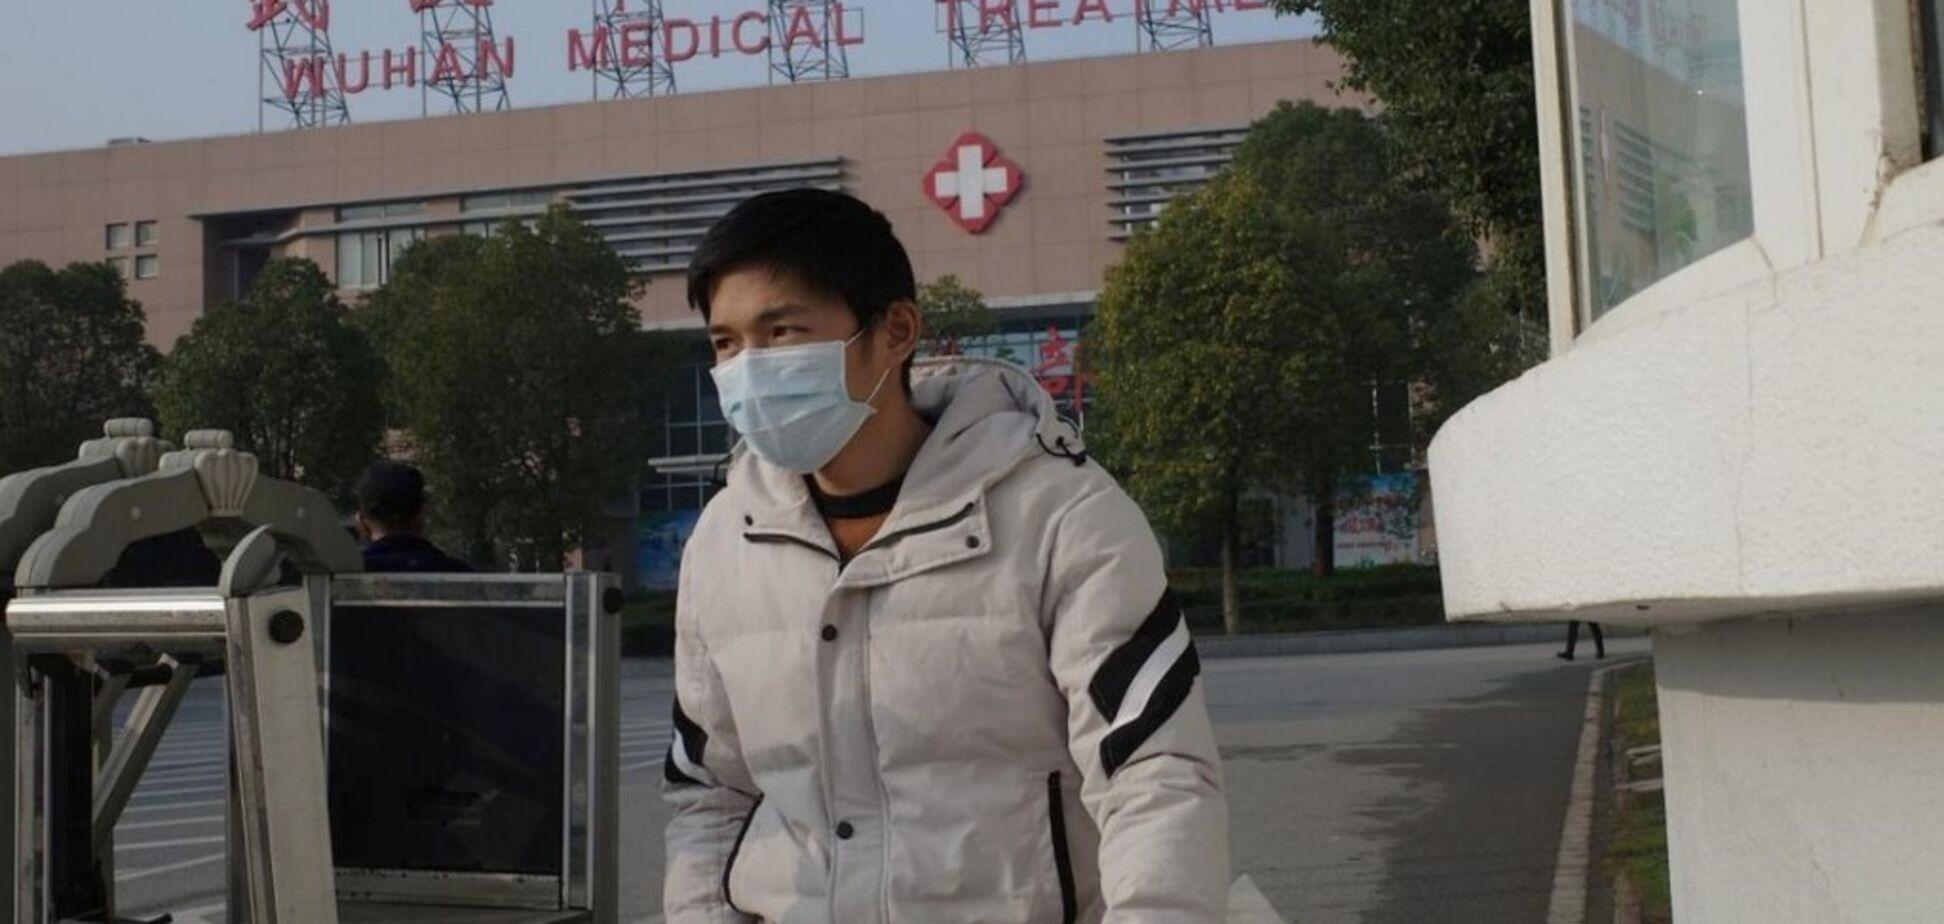 Смертельний коронавірус із Китаю: медики назвали перші симптоми зараження